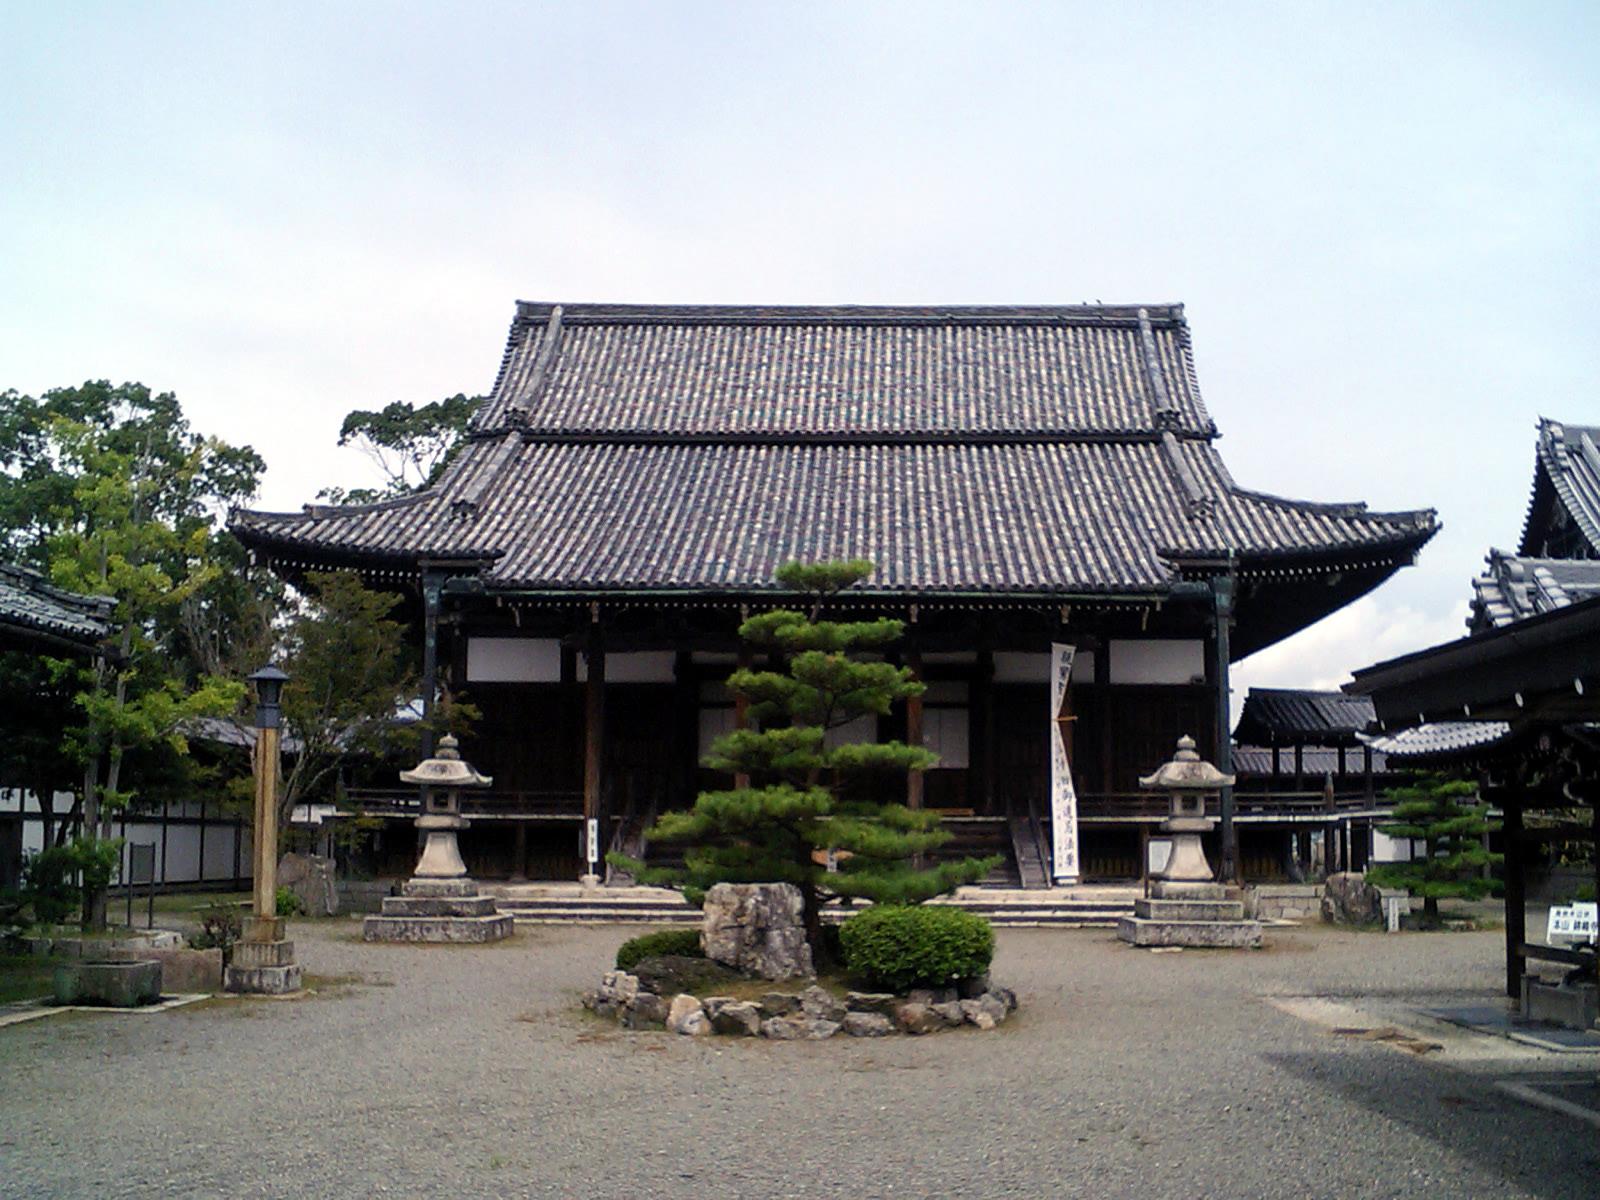 滋賀県浄土真宗錦織寺